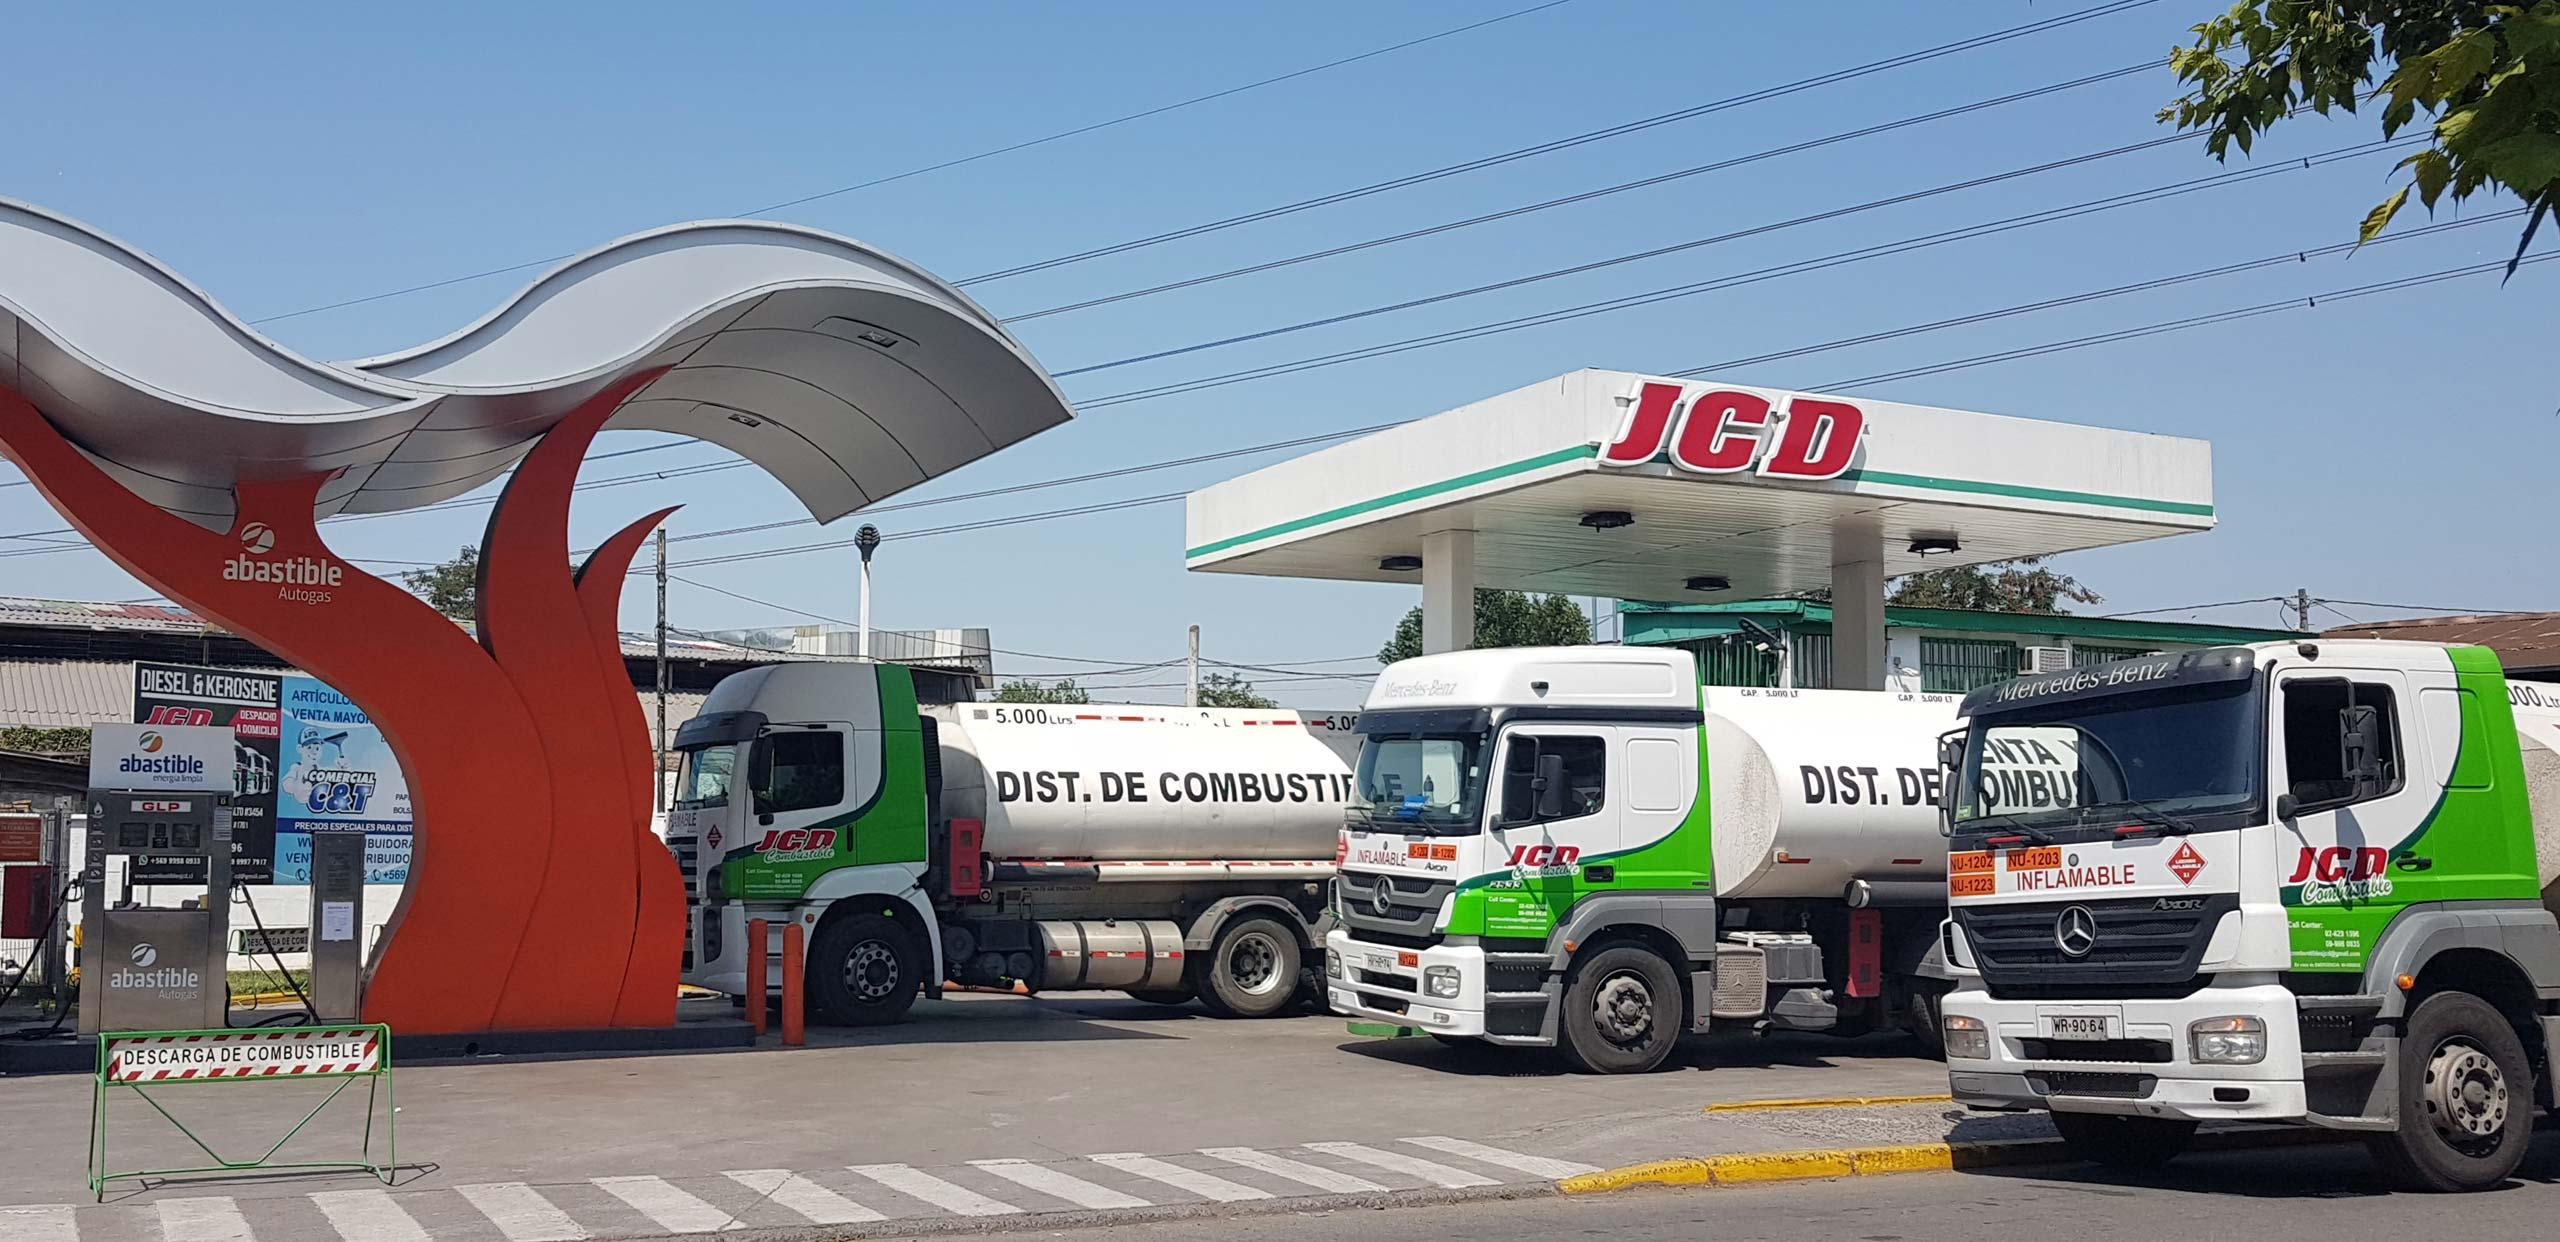 combustibles-jcd-venta-de-combustibles-1